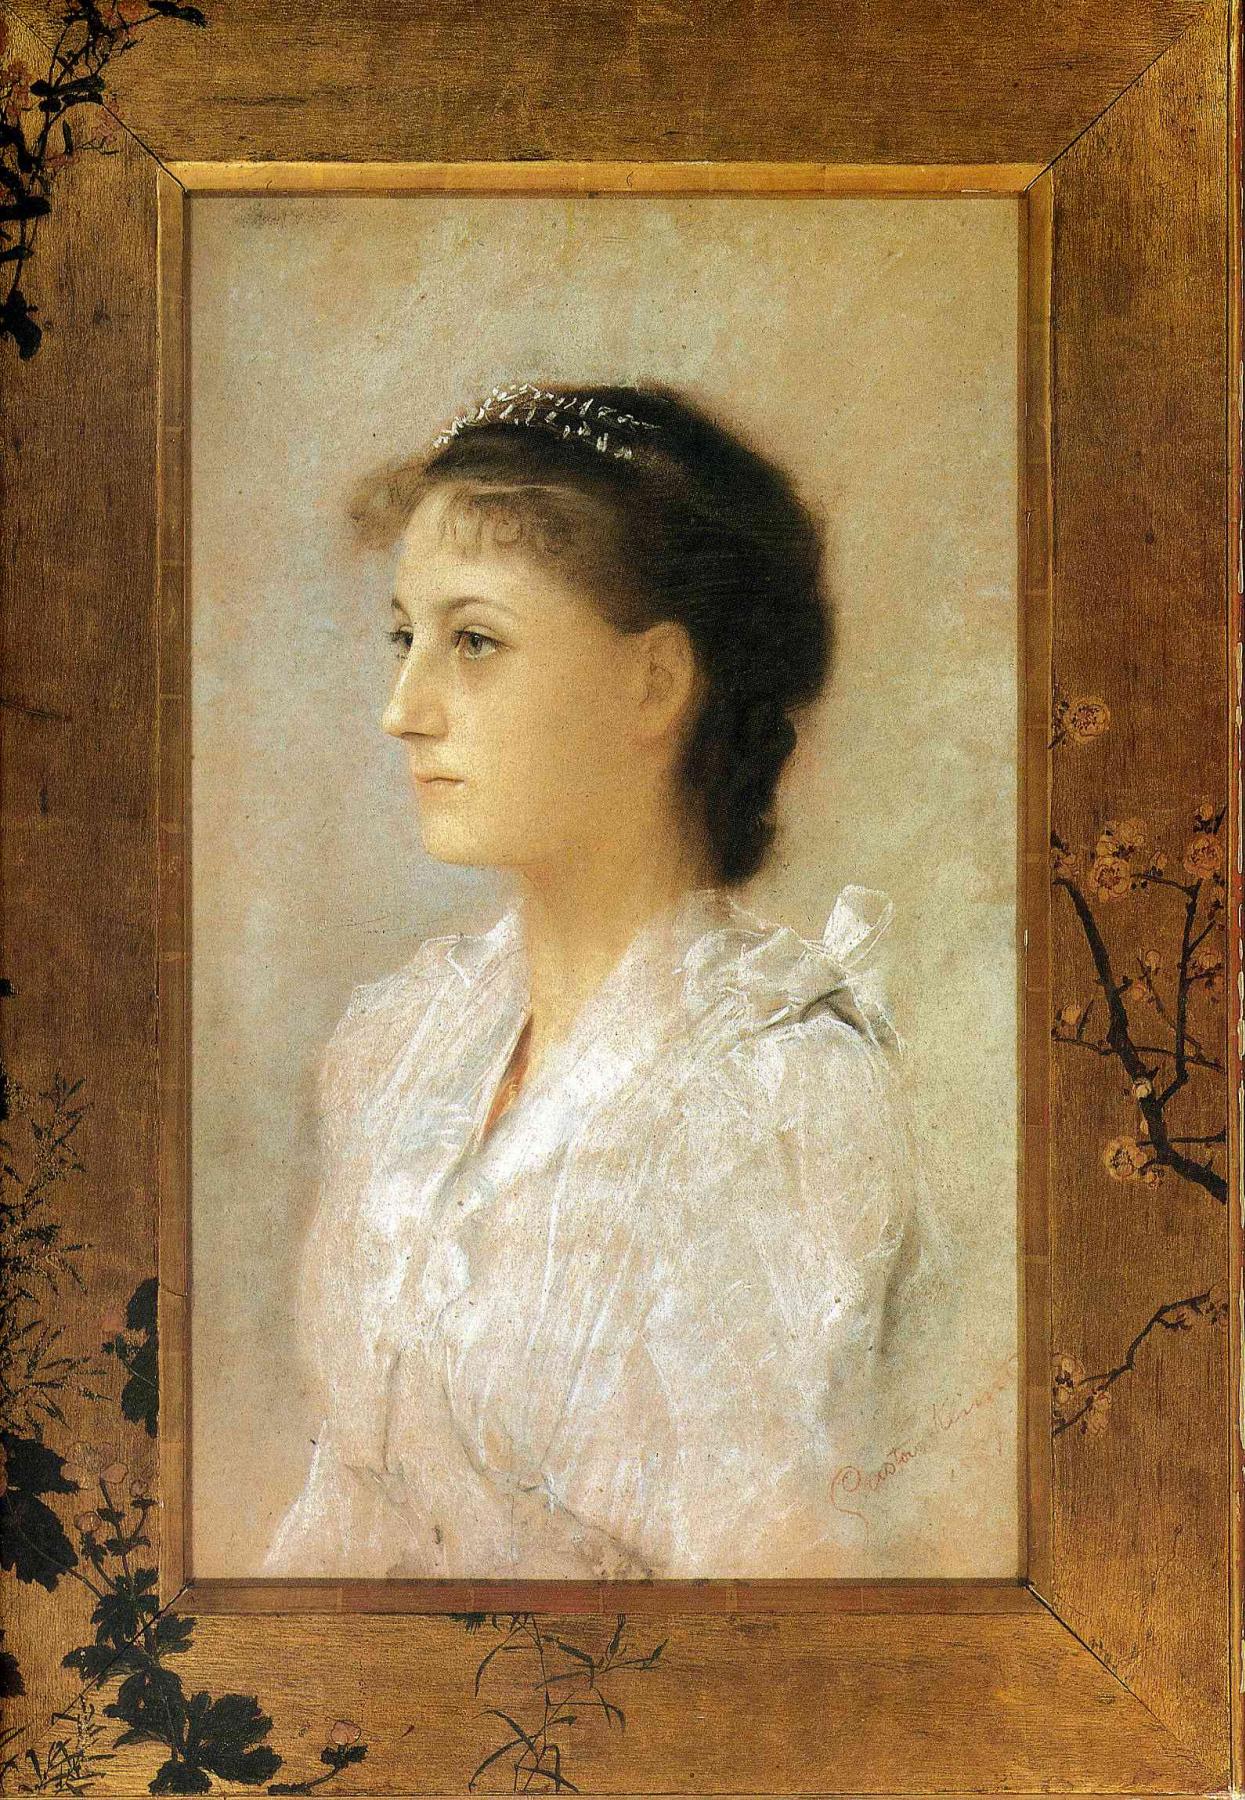 Gustav Klimt. Emilia Flee at seventeen